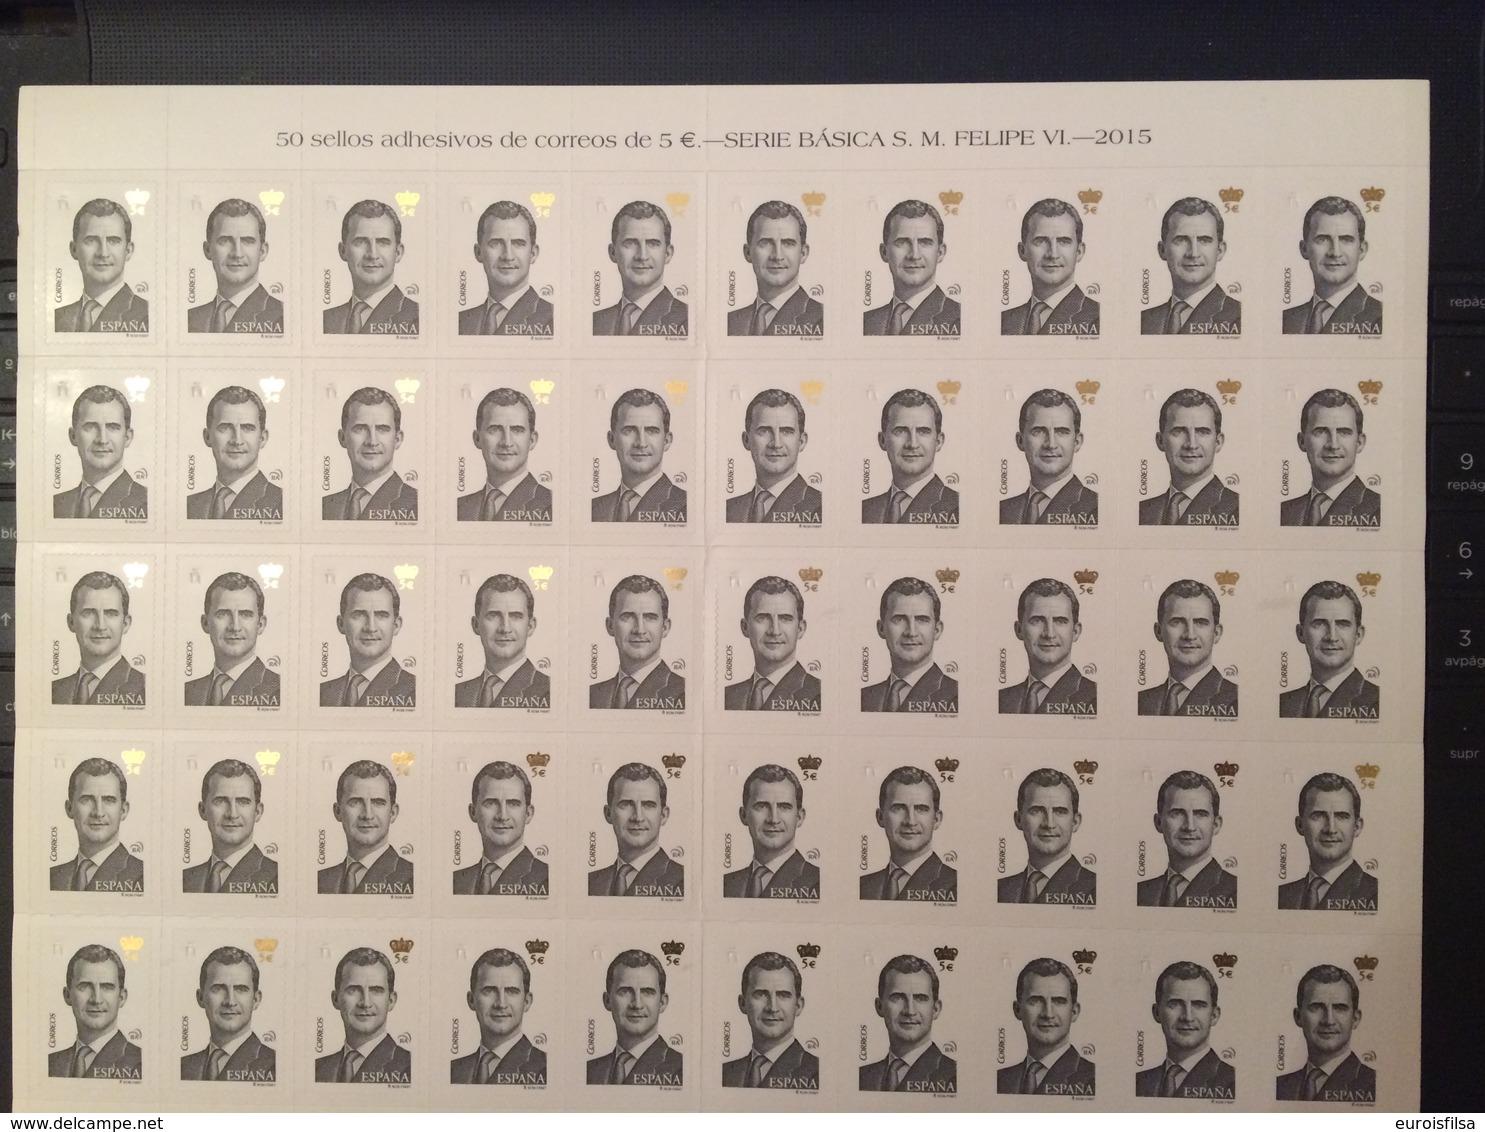 VENDEDOR: AHORRE EN GASTOS DE ENVIO, SELLOS PARA FRANQUEO, BAJO FACIAL, POR DEBAJO DE FACIAL, CON DESCUENTO DEL FACIAL - Miniaturen